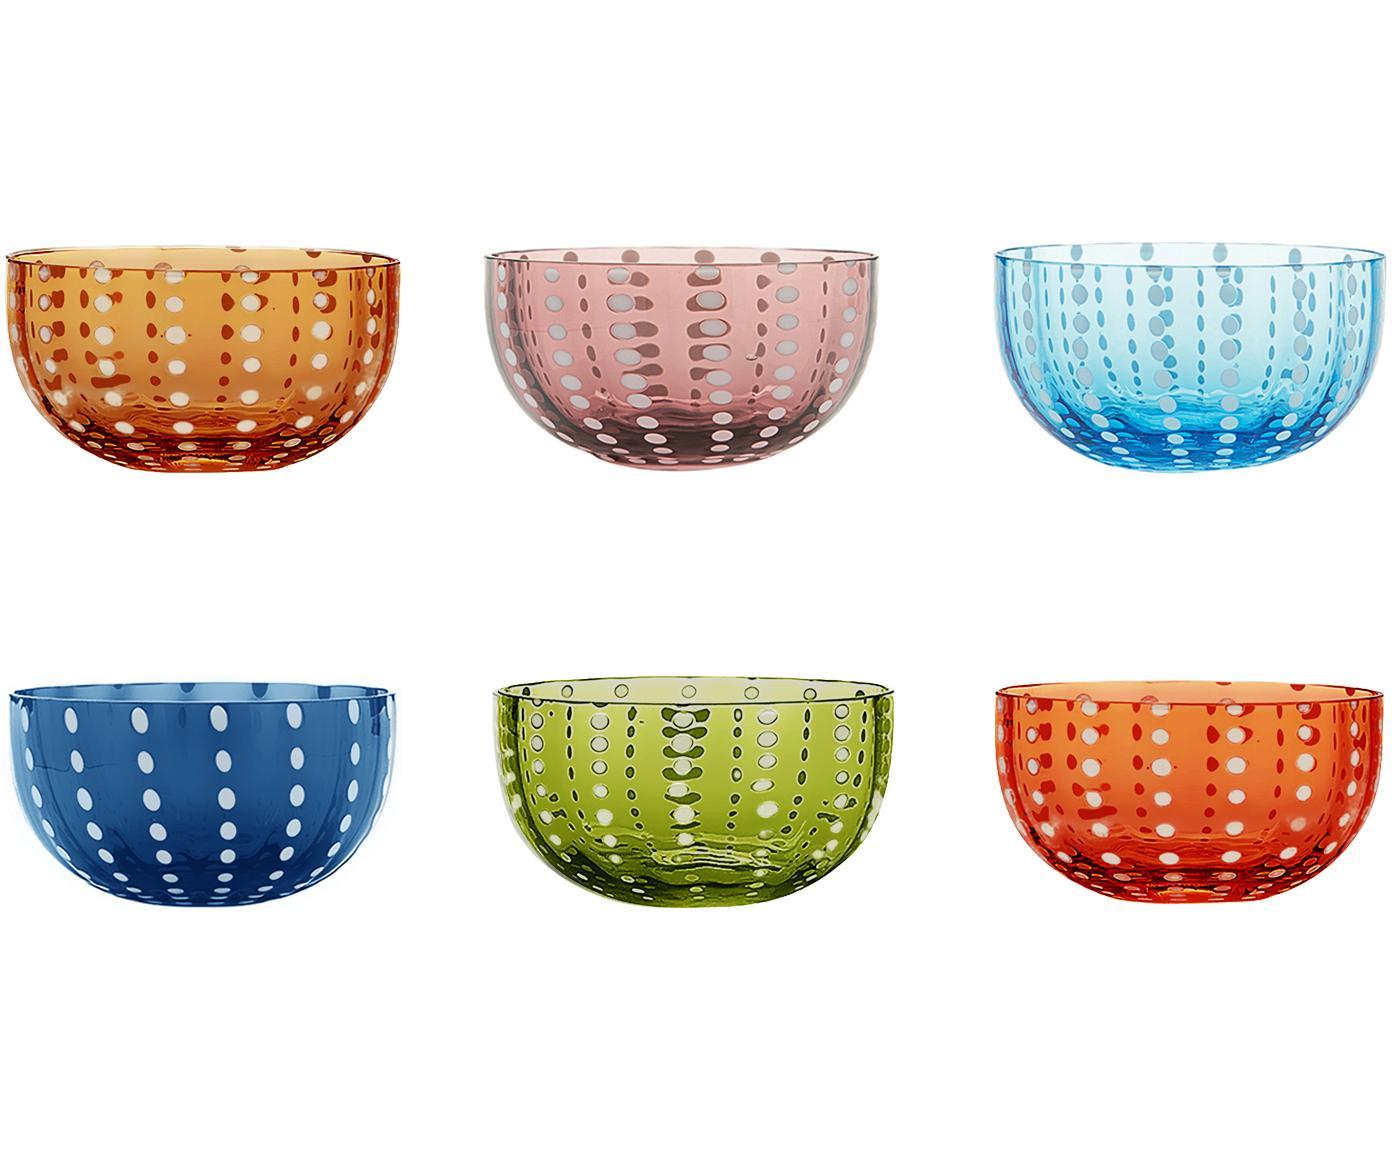 Set de cuencos soplados Perle, 6pzas., Vidrio, Transparente, blanco, azul, ámbar, violeta pastel, azul, verde hierva, Ø 12 x Al 6 cm